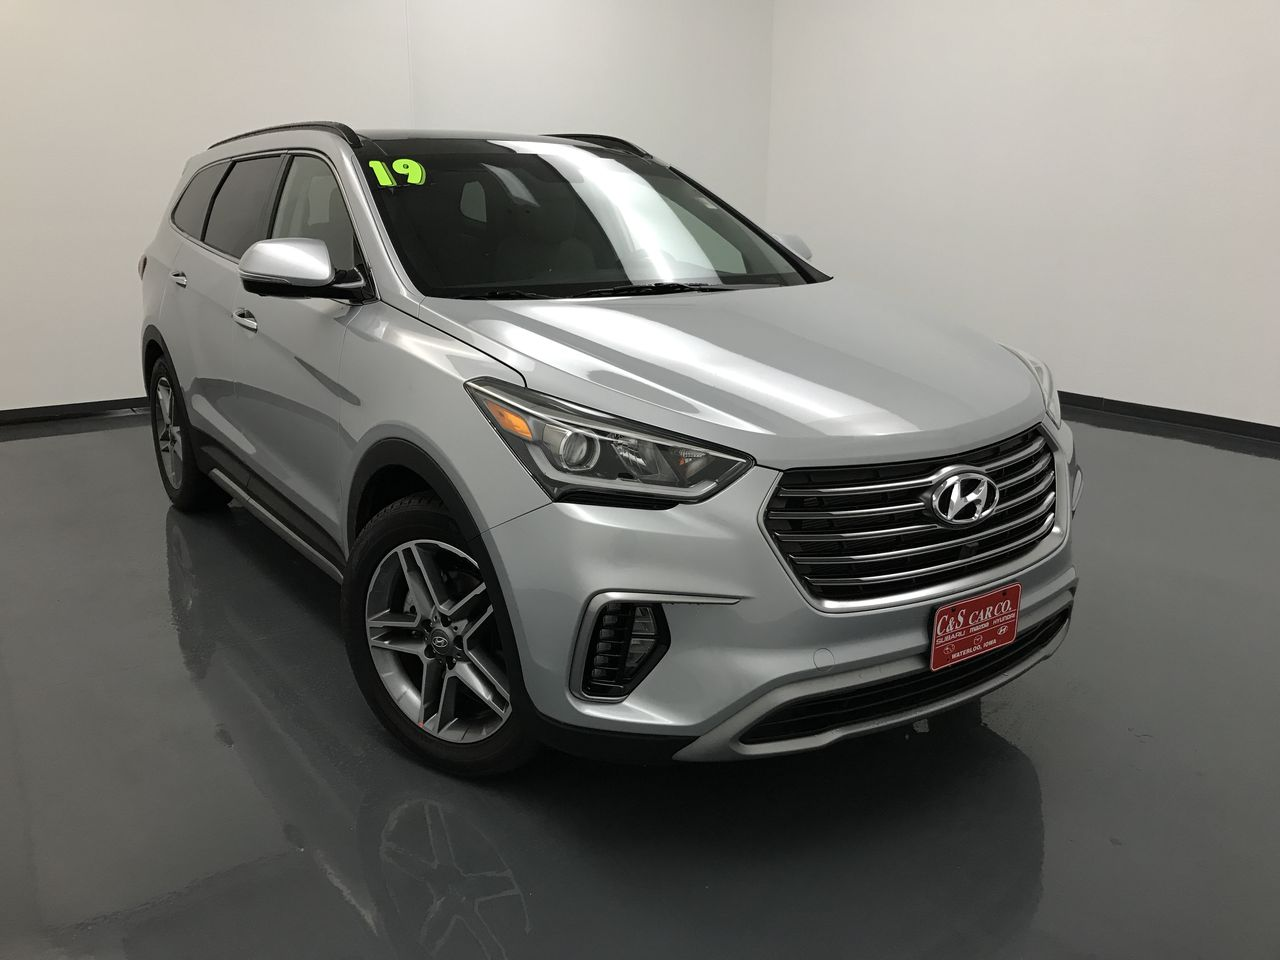 2019 Hyundai Santa Fe XL  - C & S Car Company